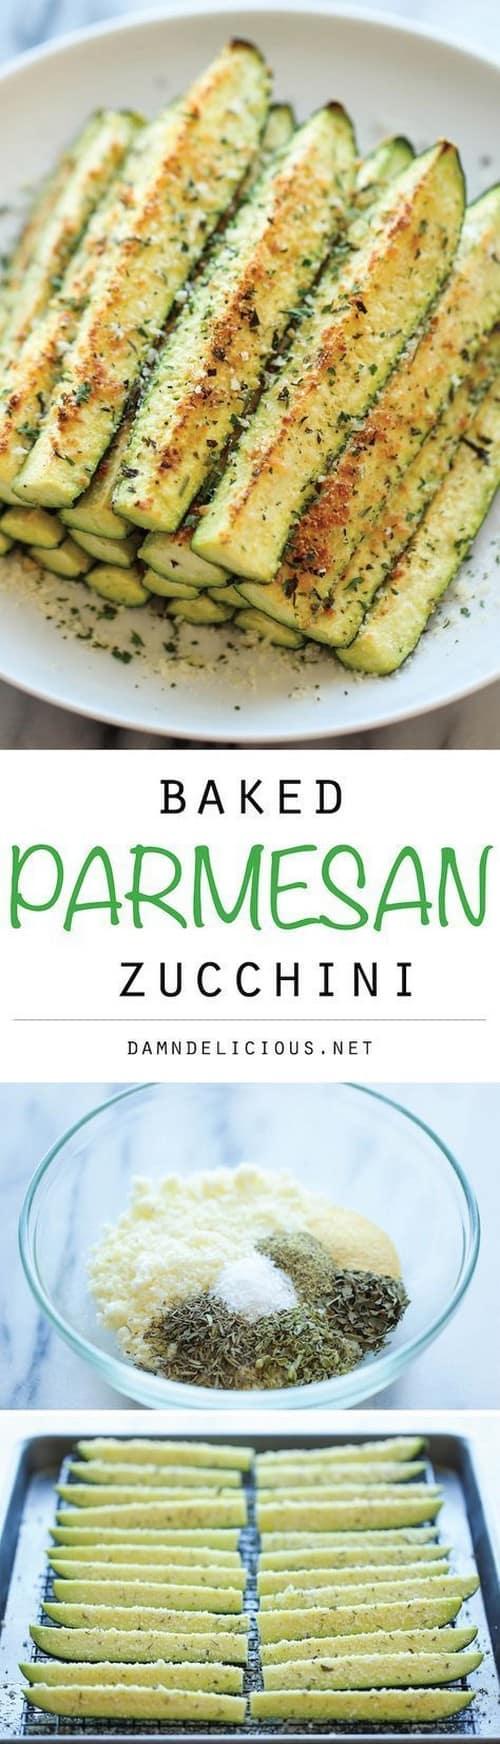 Mediterranean Baked Parmesan Zucchini